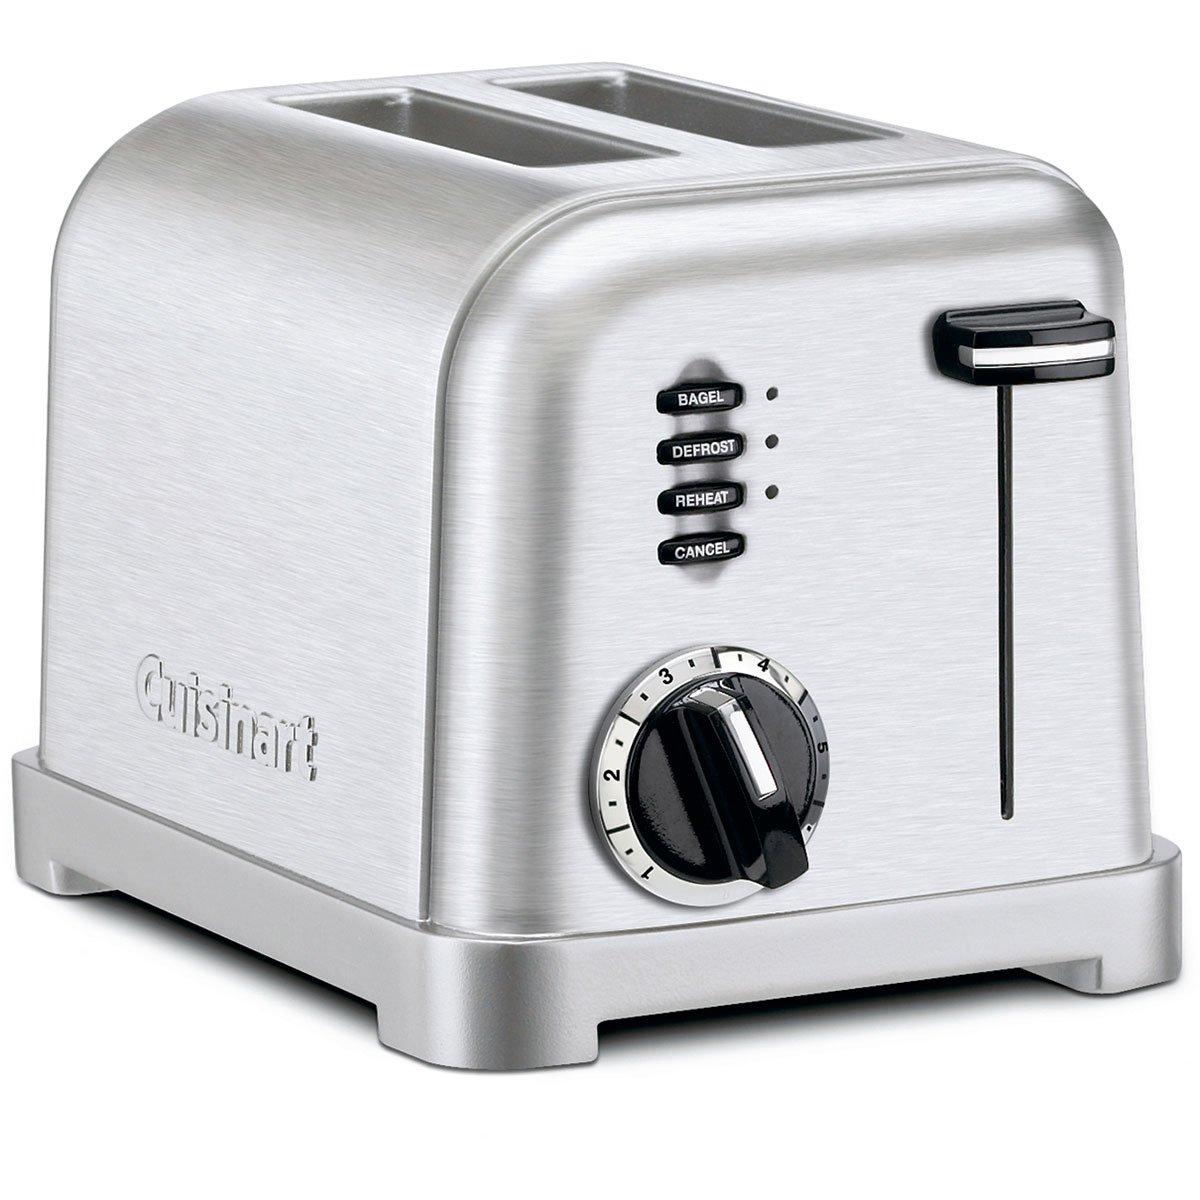 Cuisinart Pro 2 Slice Toaster-brushed